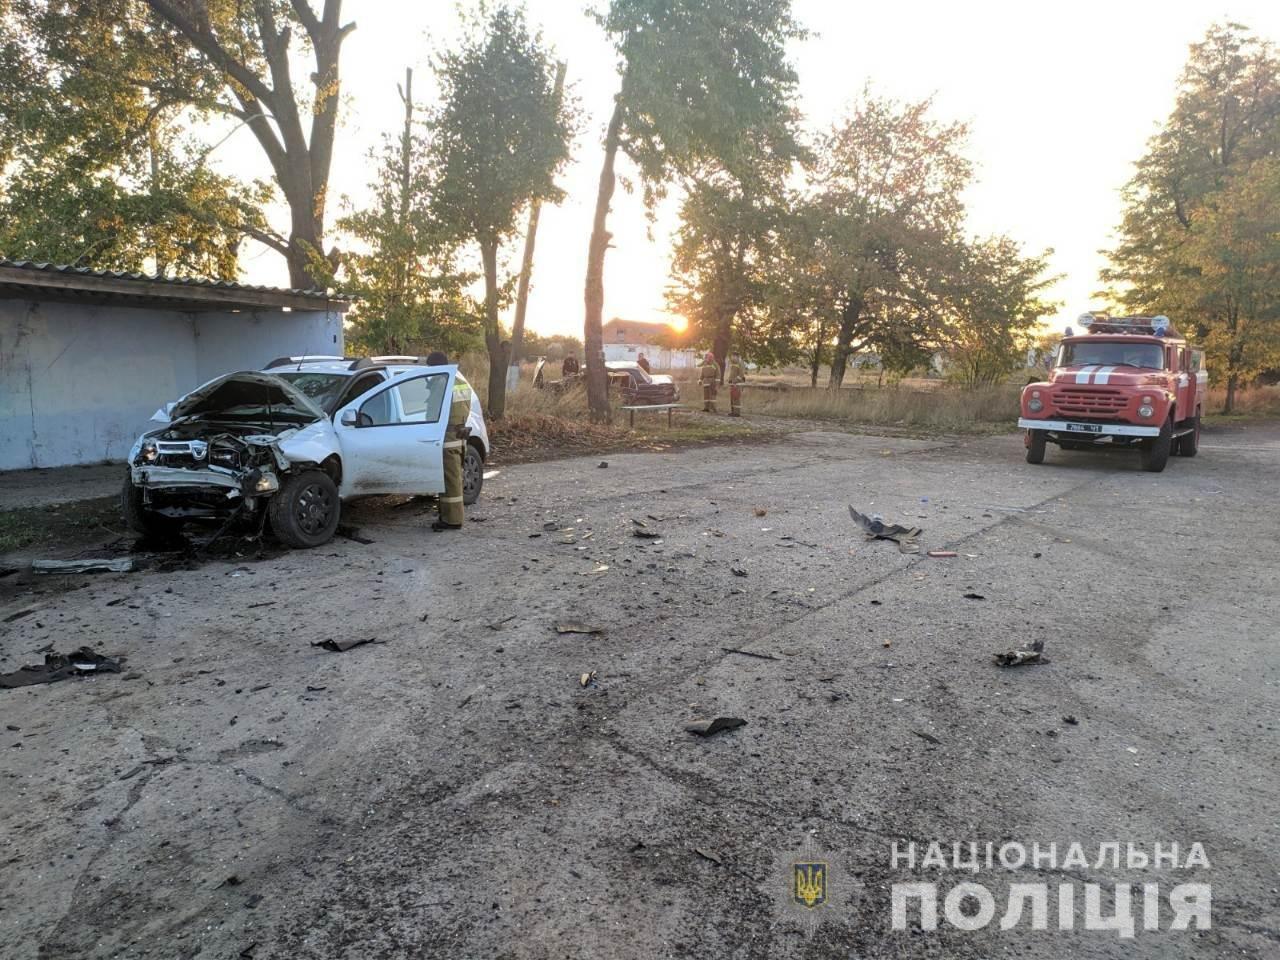 На железнодорожном переезде в Одесской области в ДТП погиб человек, - ФОТО, ВИДЕО, фото-2